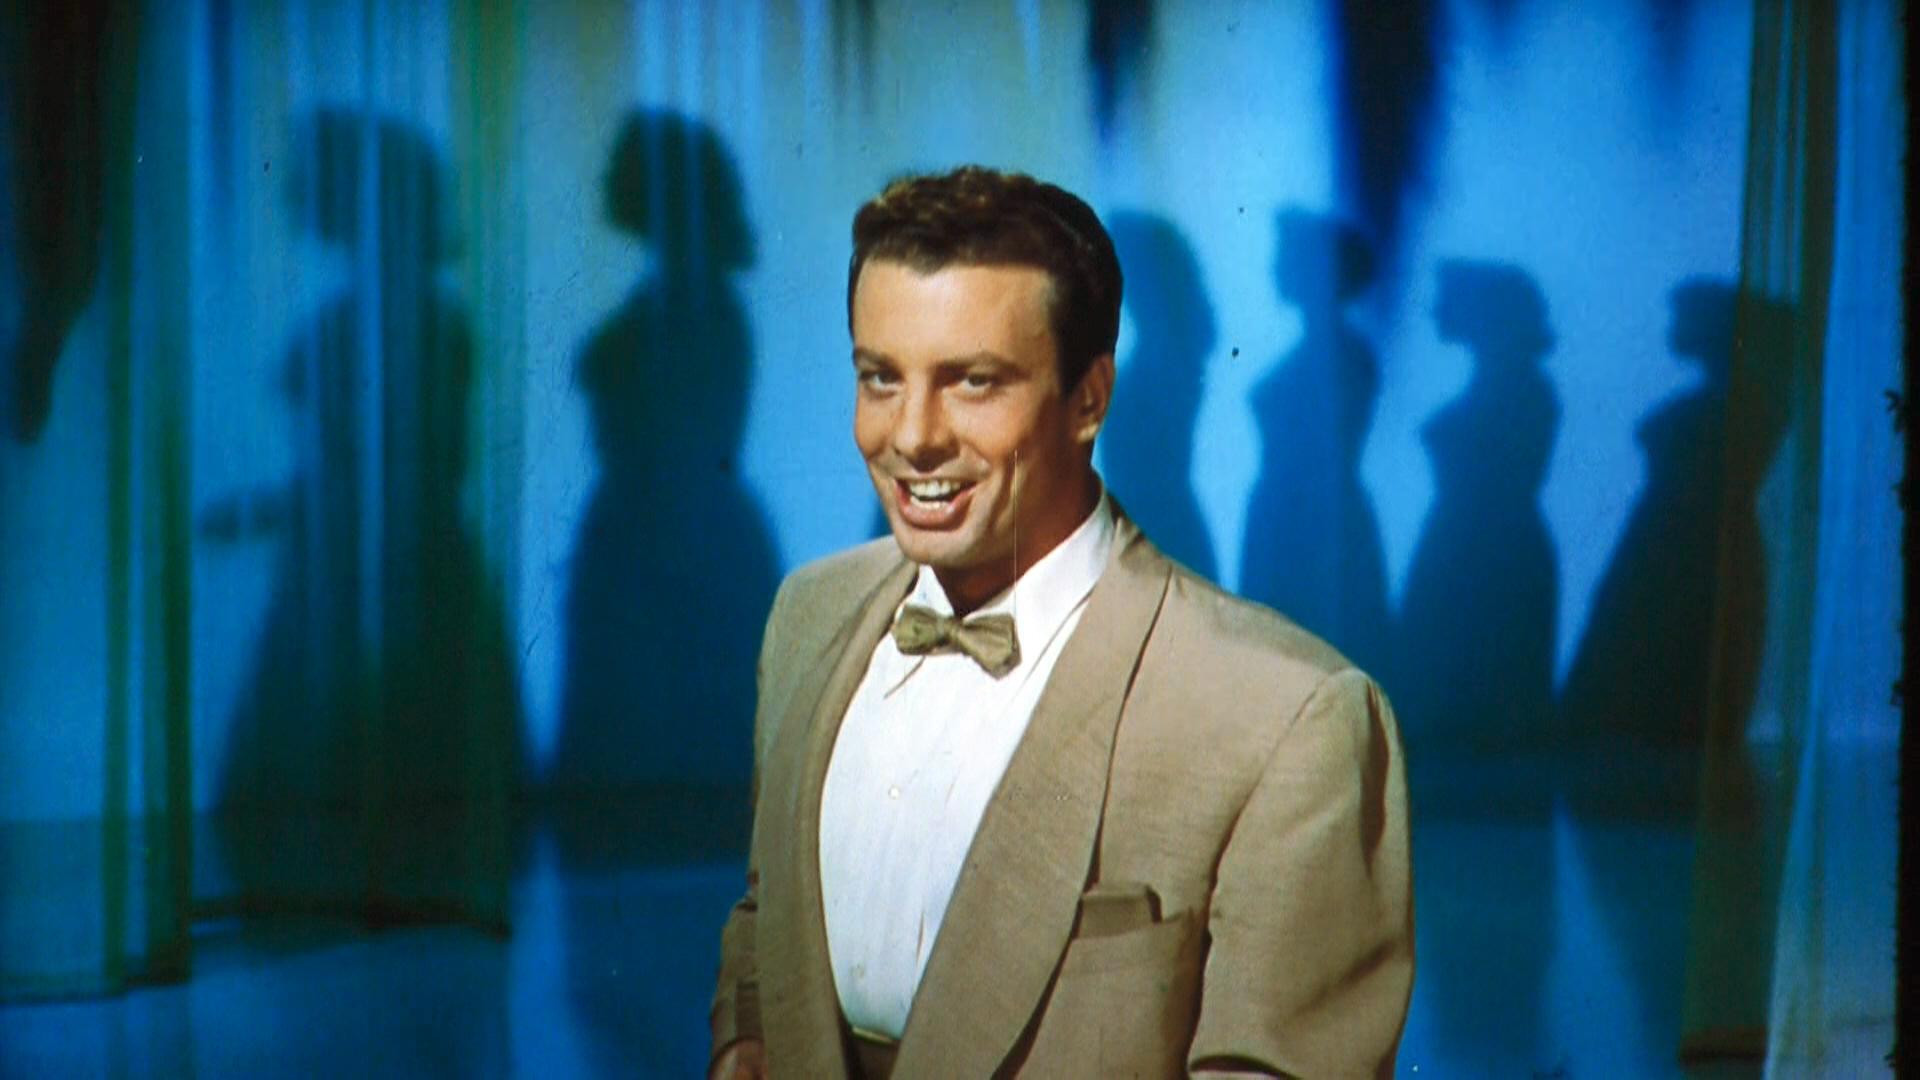 Oreste Kirkop in Bing Presents Oreste (1956)